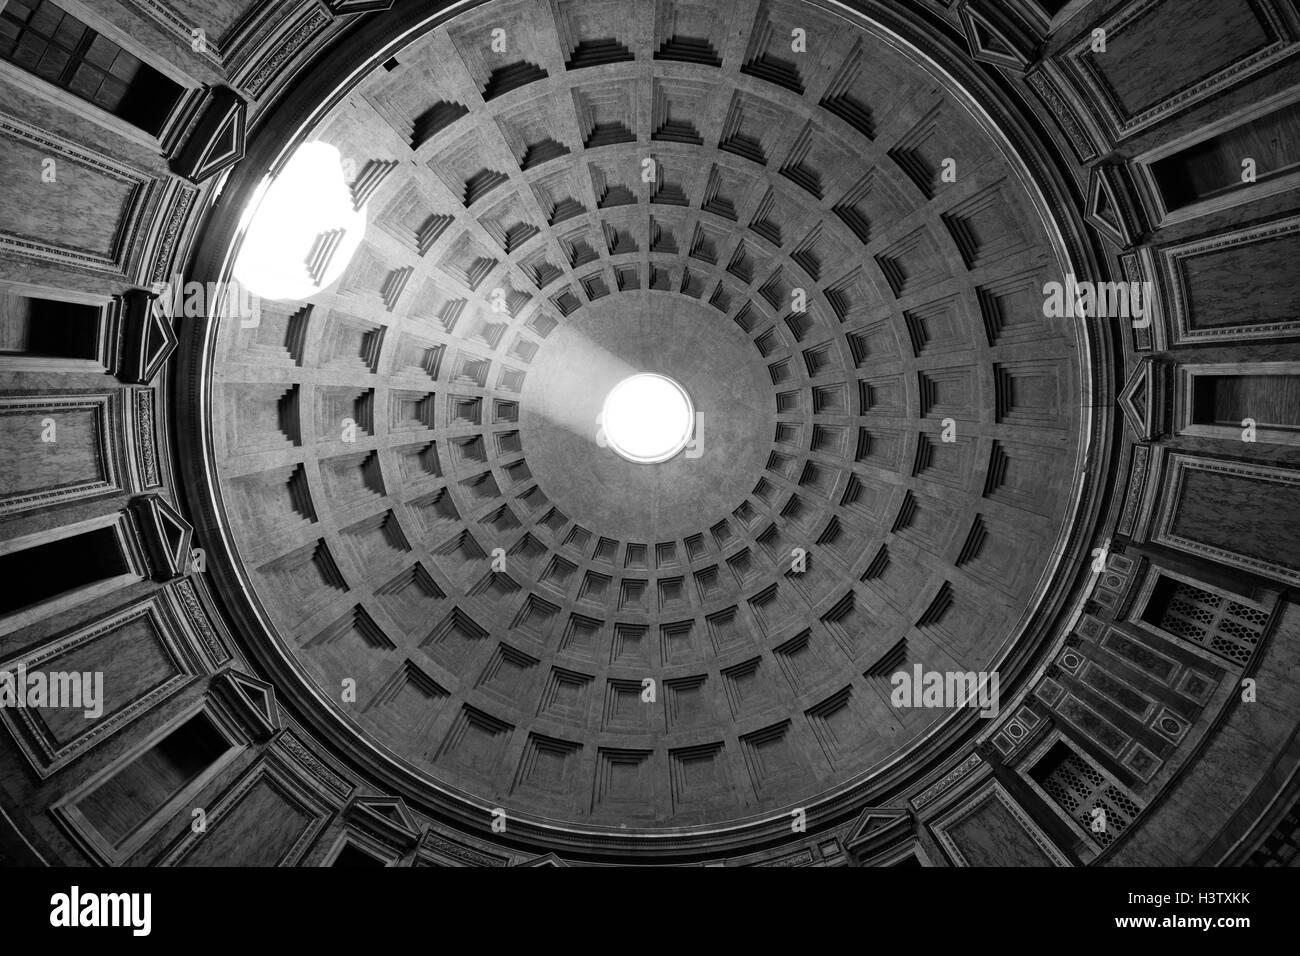 Le soleil illumine l'intérieur du plafond par le trou en haut du Panthéon de Rome, Italie Photo Stock